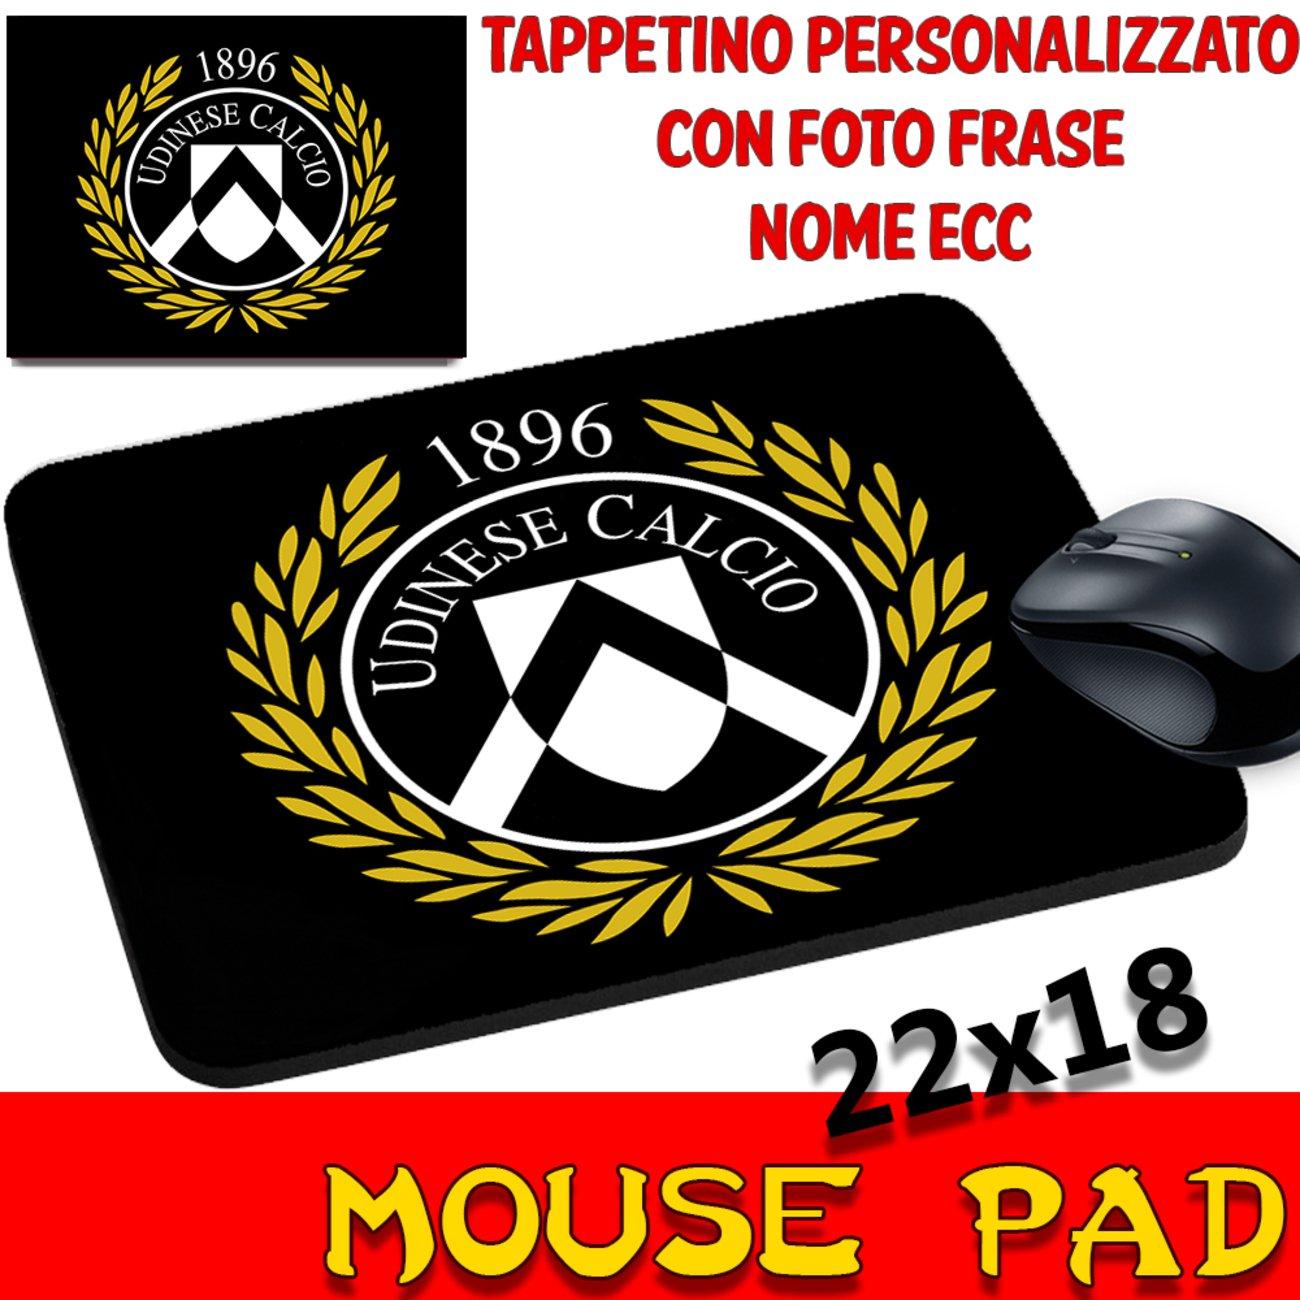 Tappetino mouse Pad Personalizzato Squadre Calcio Udinese Calcio Bianco Nero Stemma Logo foto csm Informatica